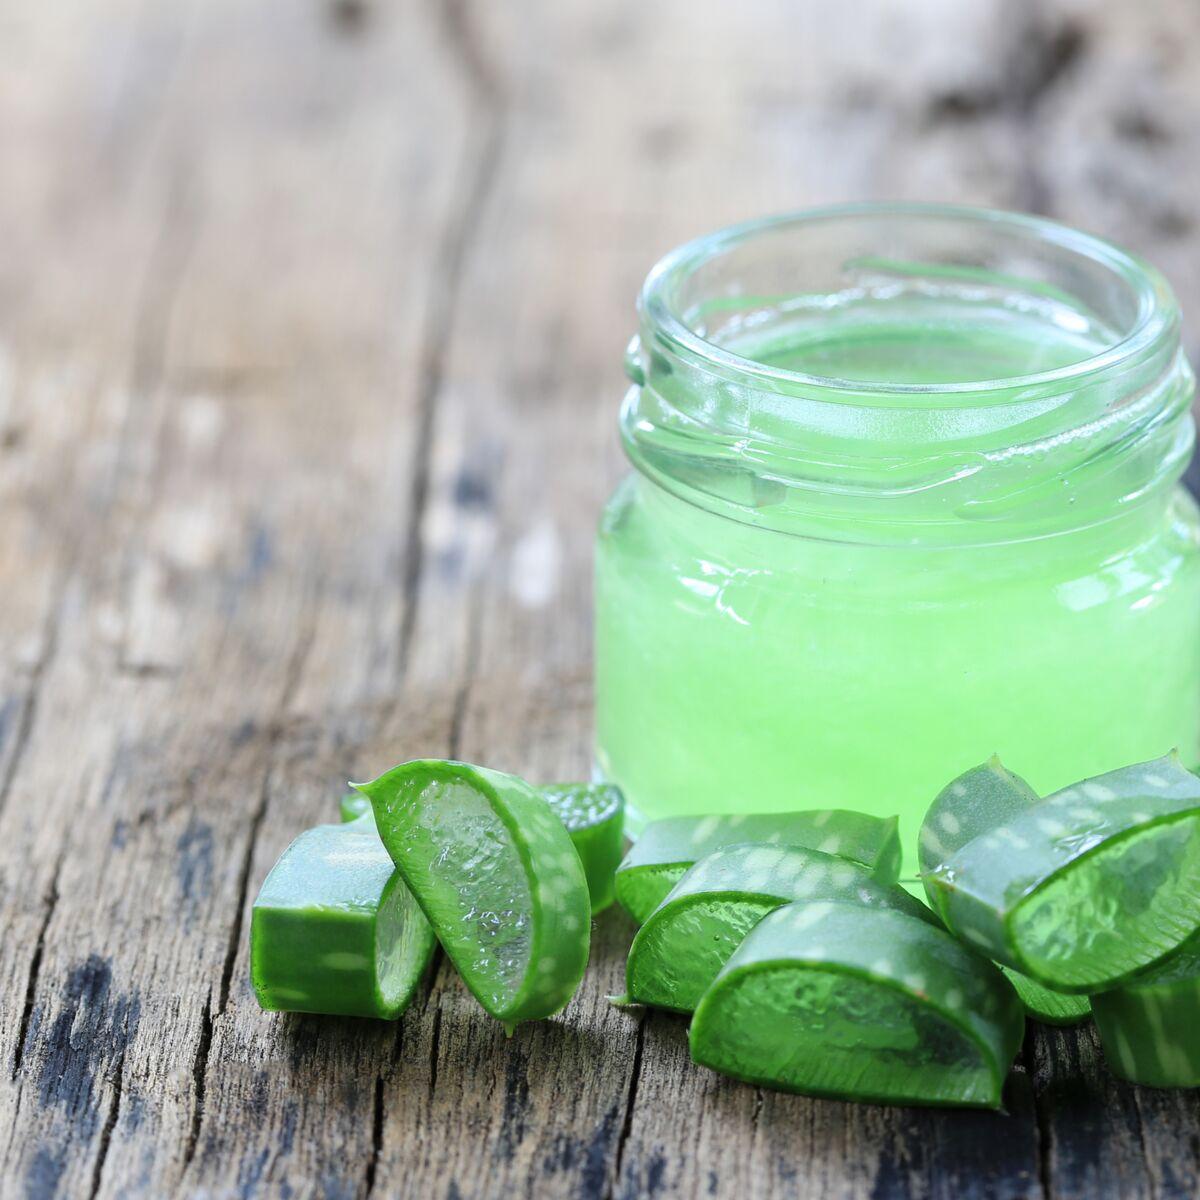 Astuce beauté : quels sont les bienfaits de l'application quotidienne du gel d'aloe vera sur votre peau !